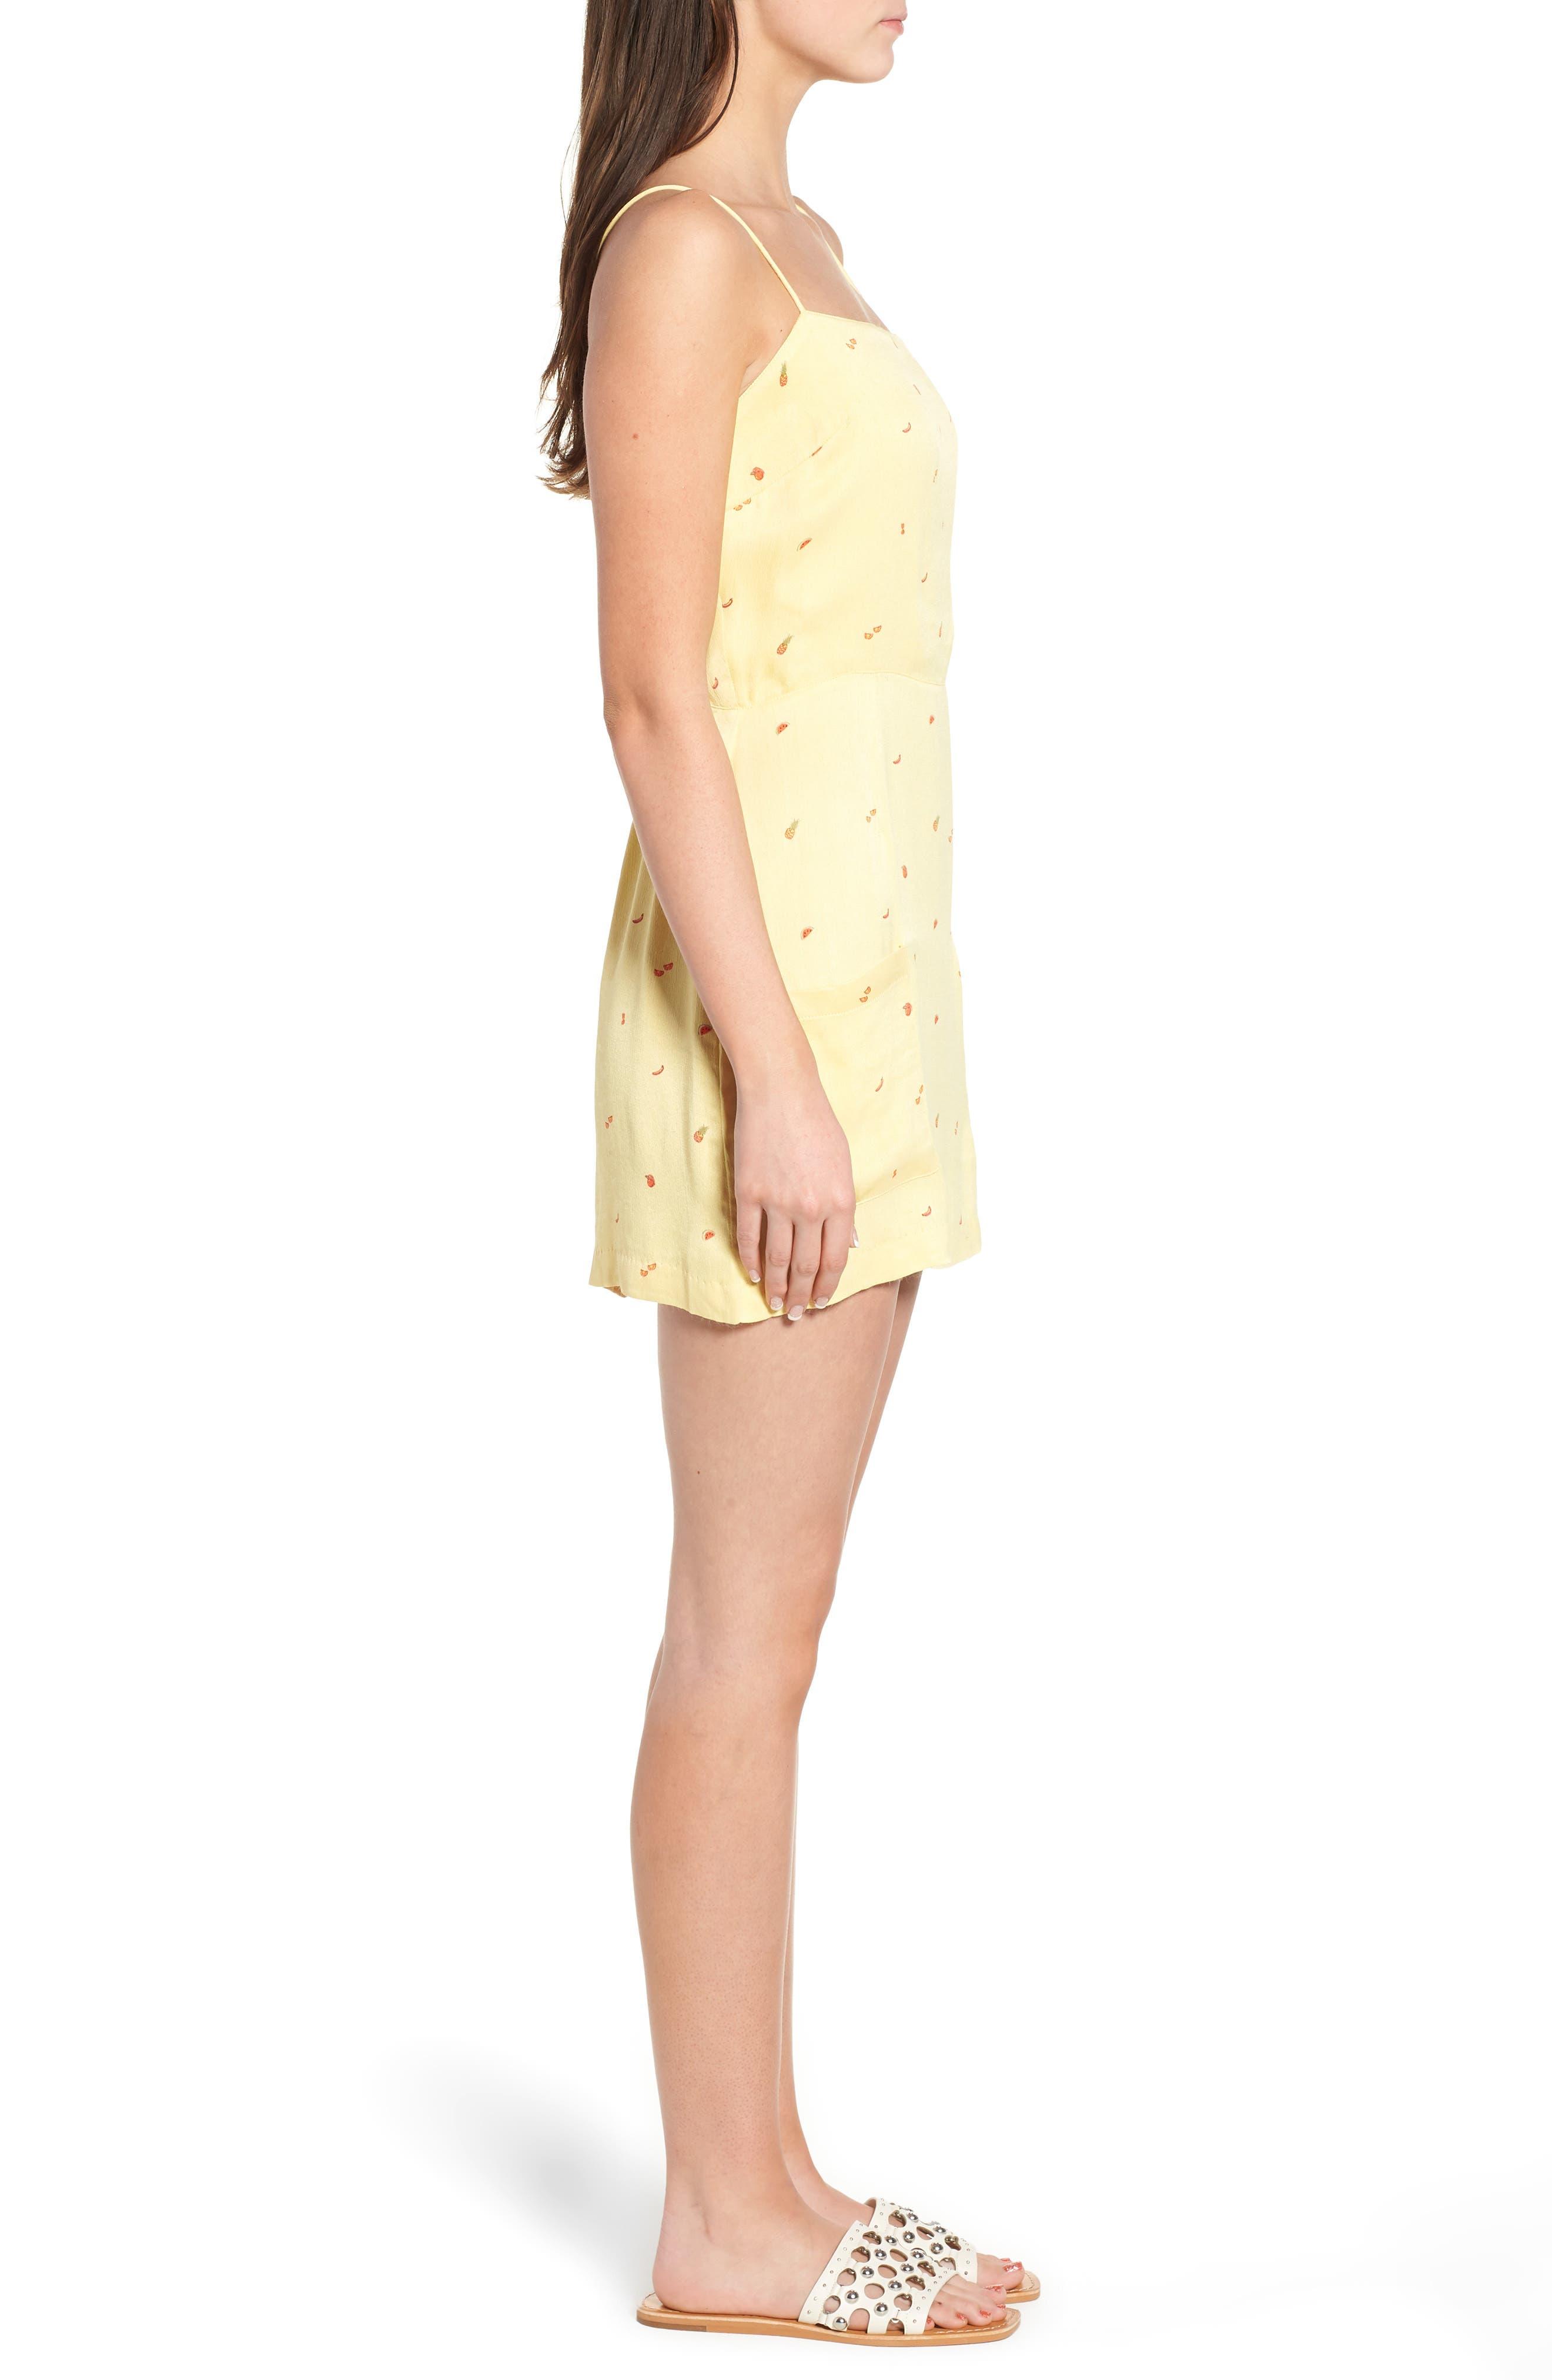 Shilo Fruit Print Minidress,                             Alternate thumbnail 3, color,                             Yellow Multi